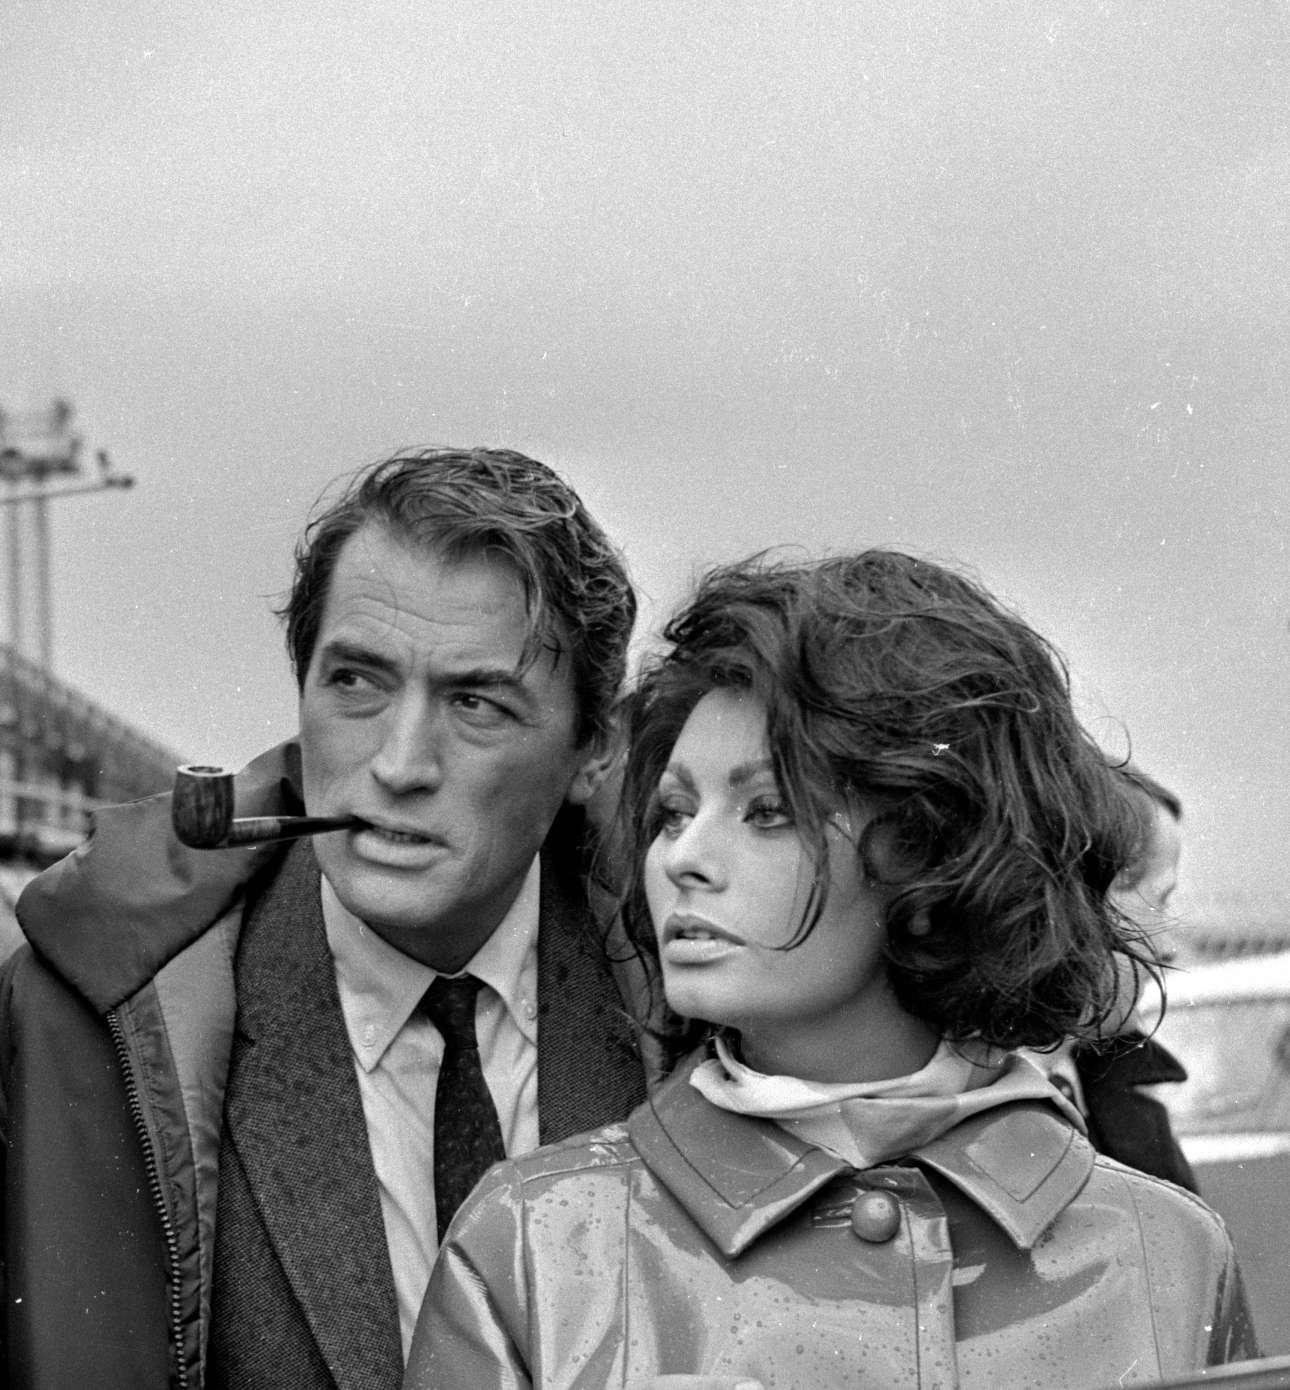 Λονδίνο 1965. Με τον Γκρέγκορι Πεκ στα γυρίσματα του «Arabesque»